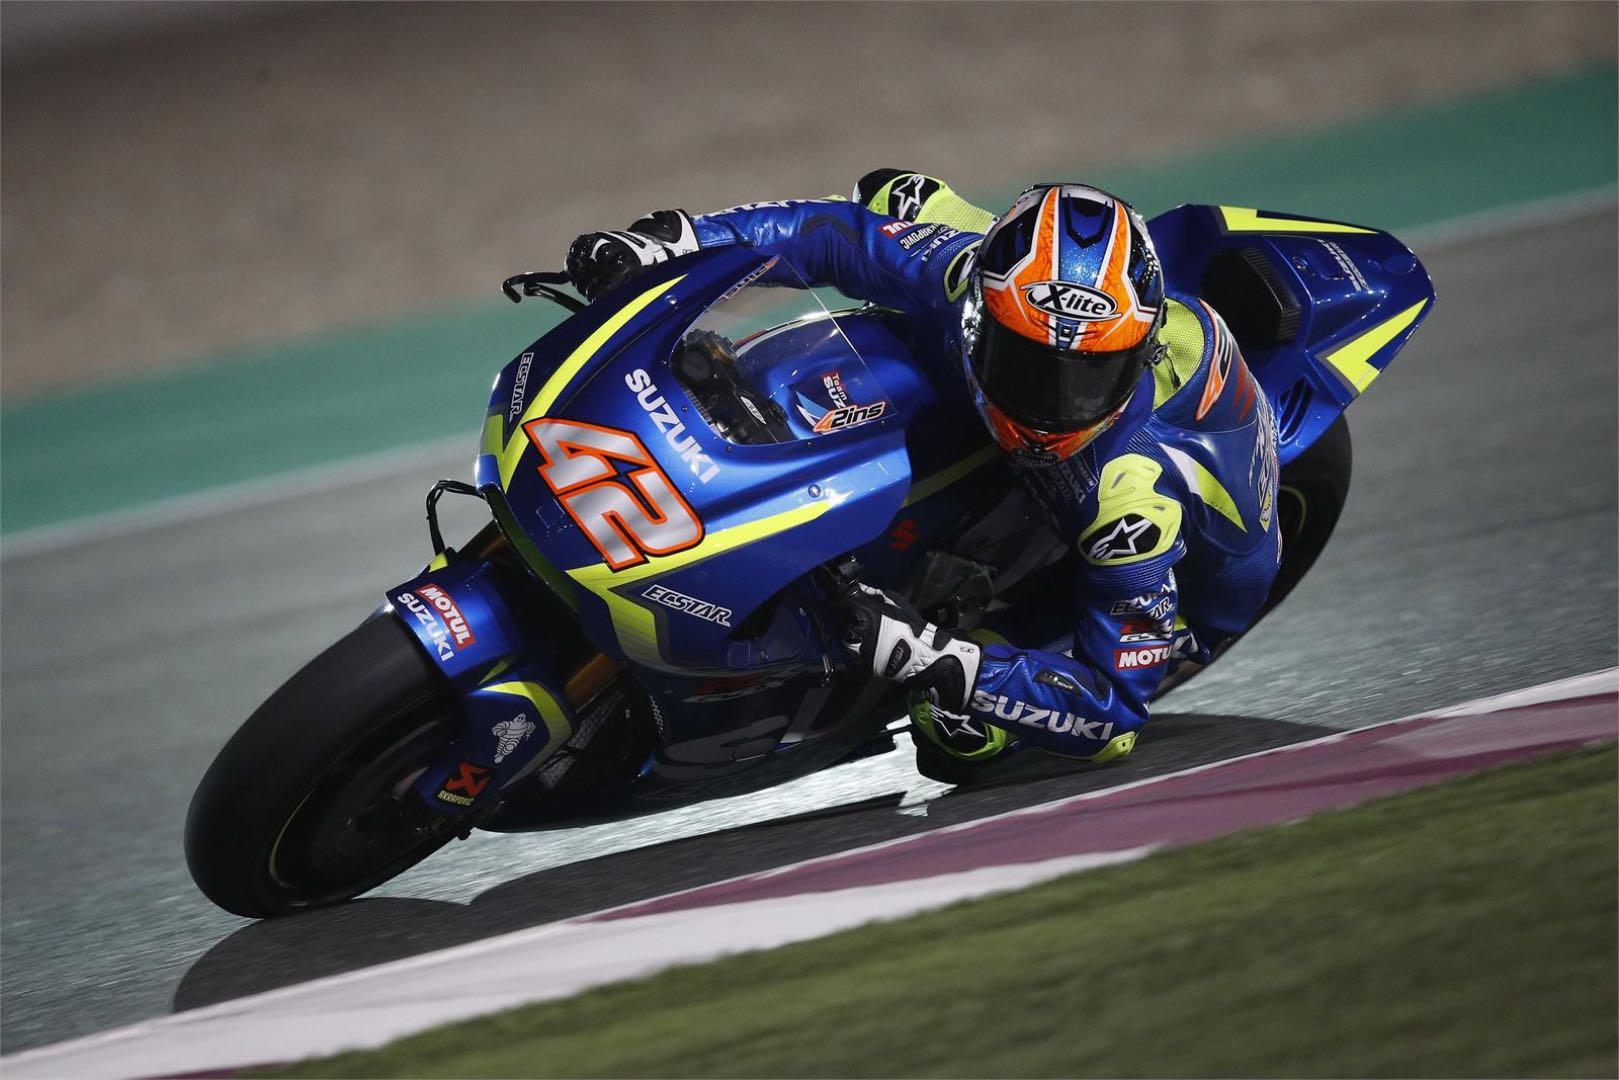 Suzuki's Alex Rins Cleared to Ride at Argentina MotoGP